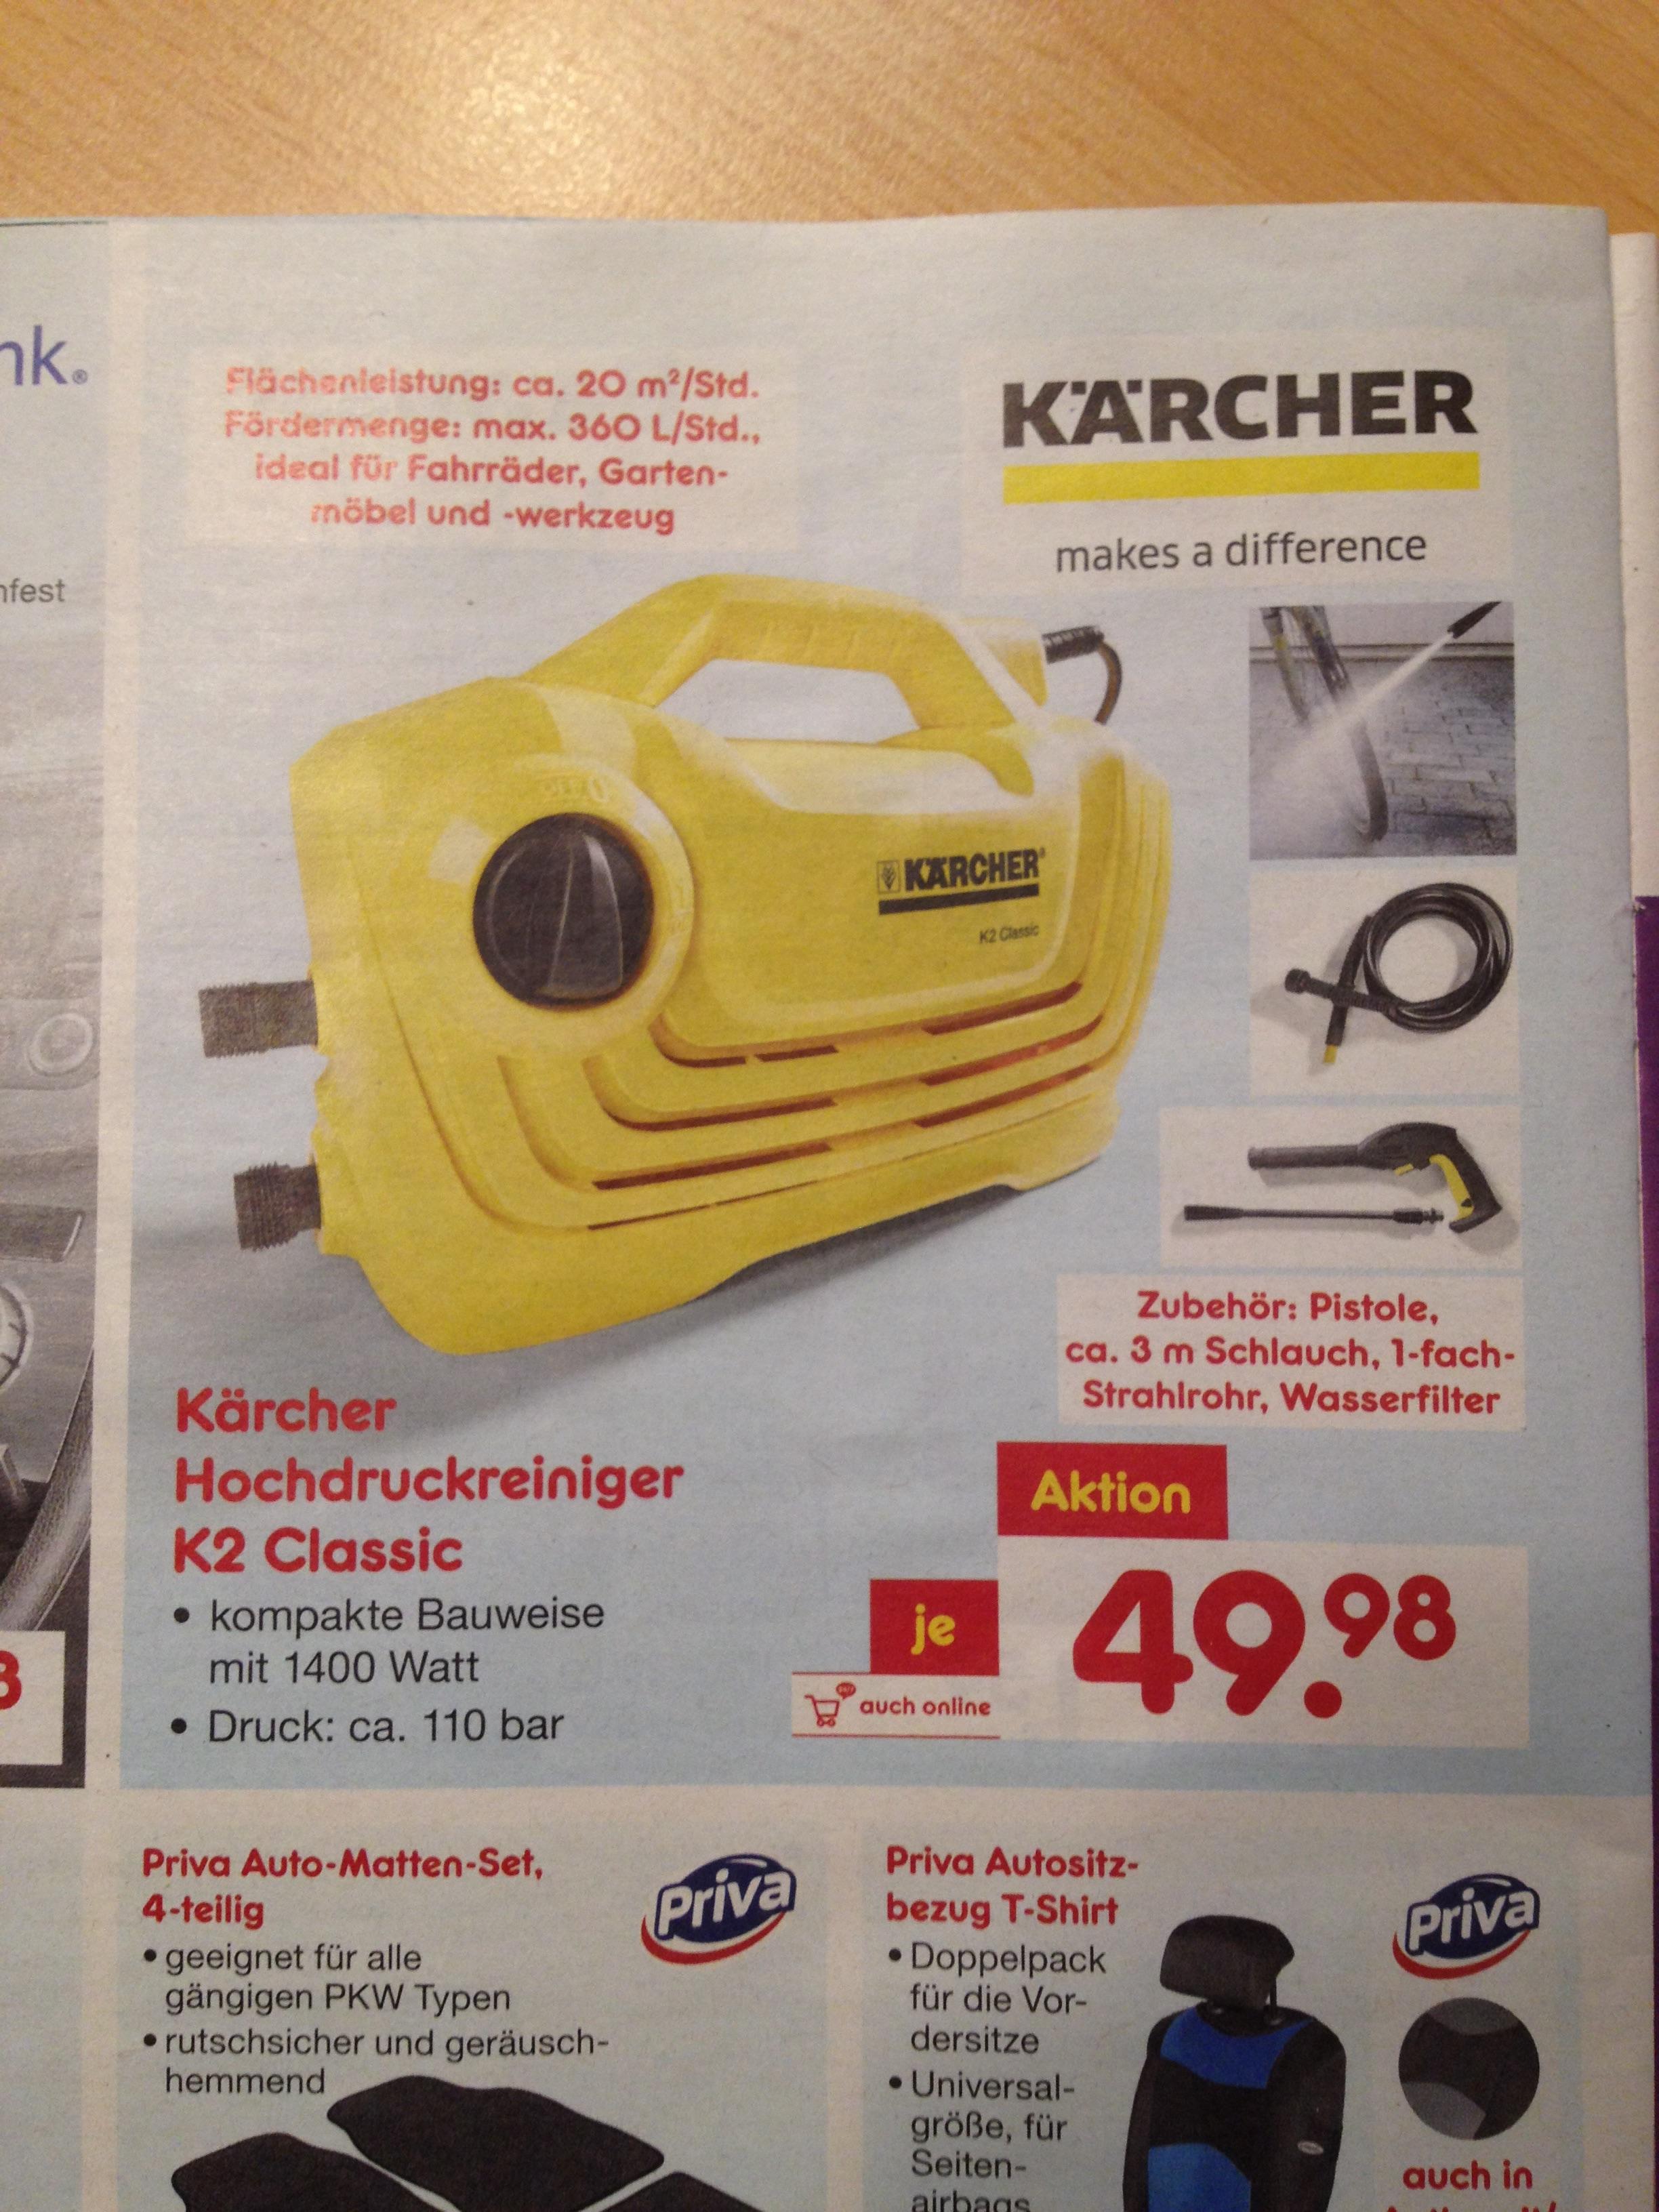 Kärcher K2 Classic, hochdruckreiniger